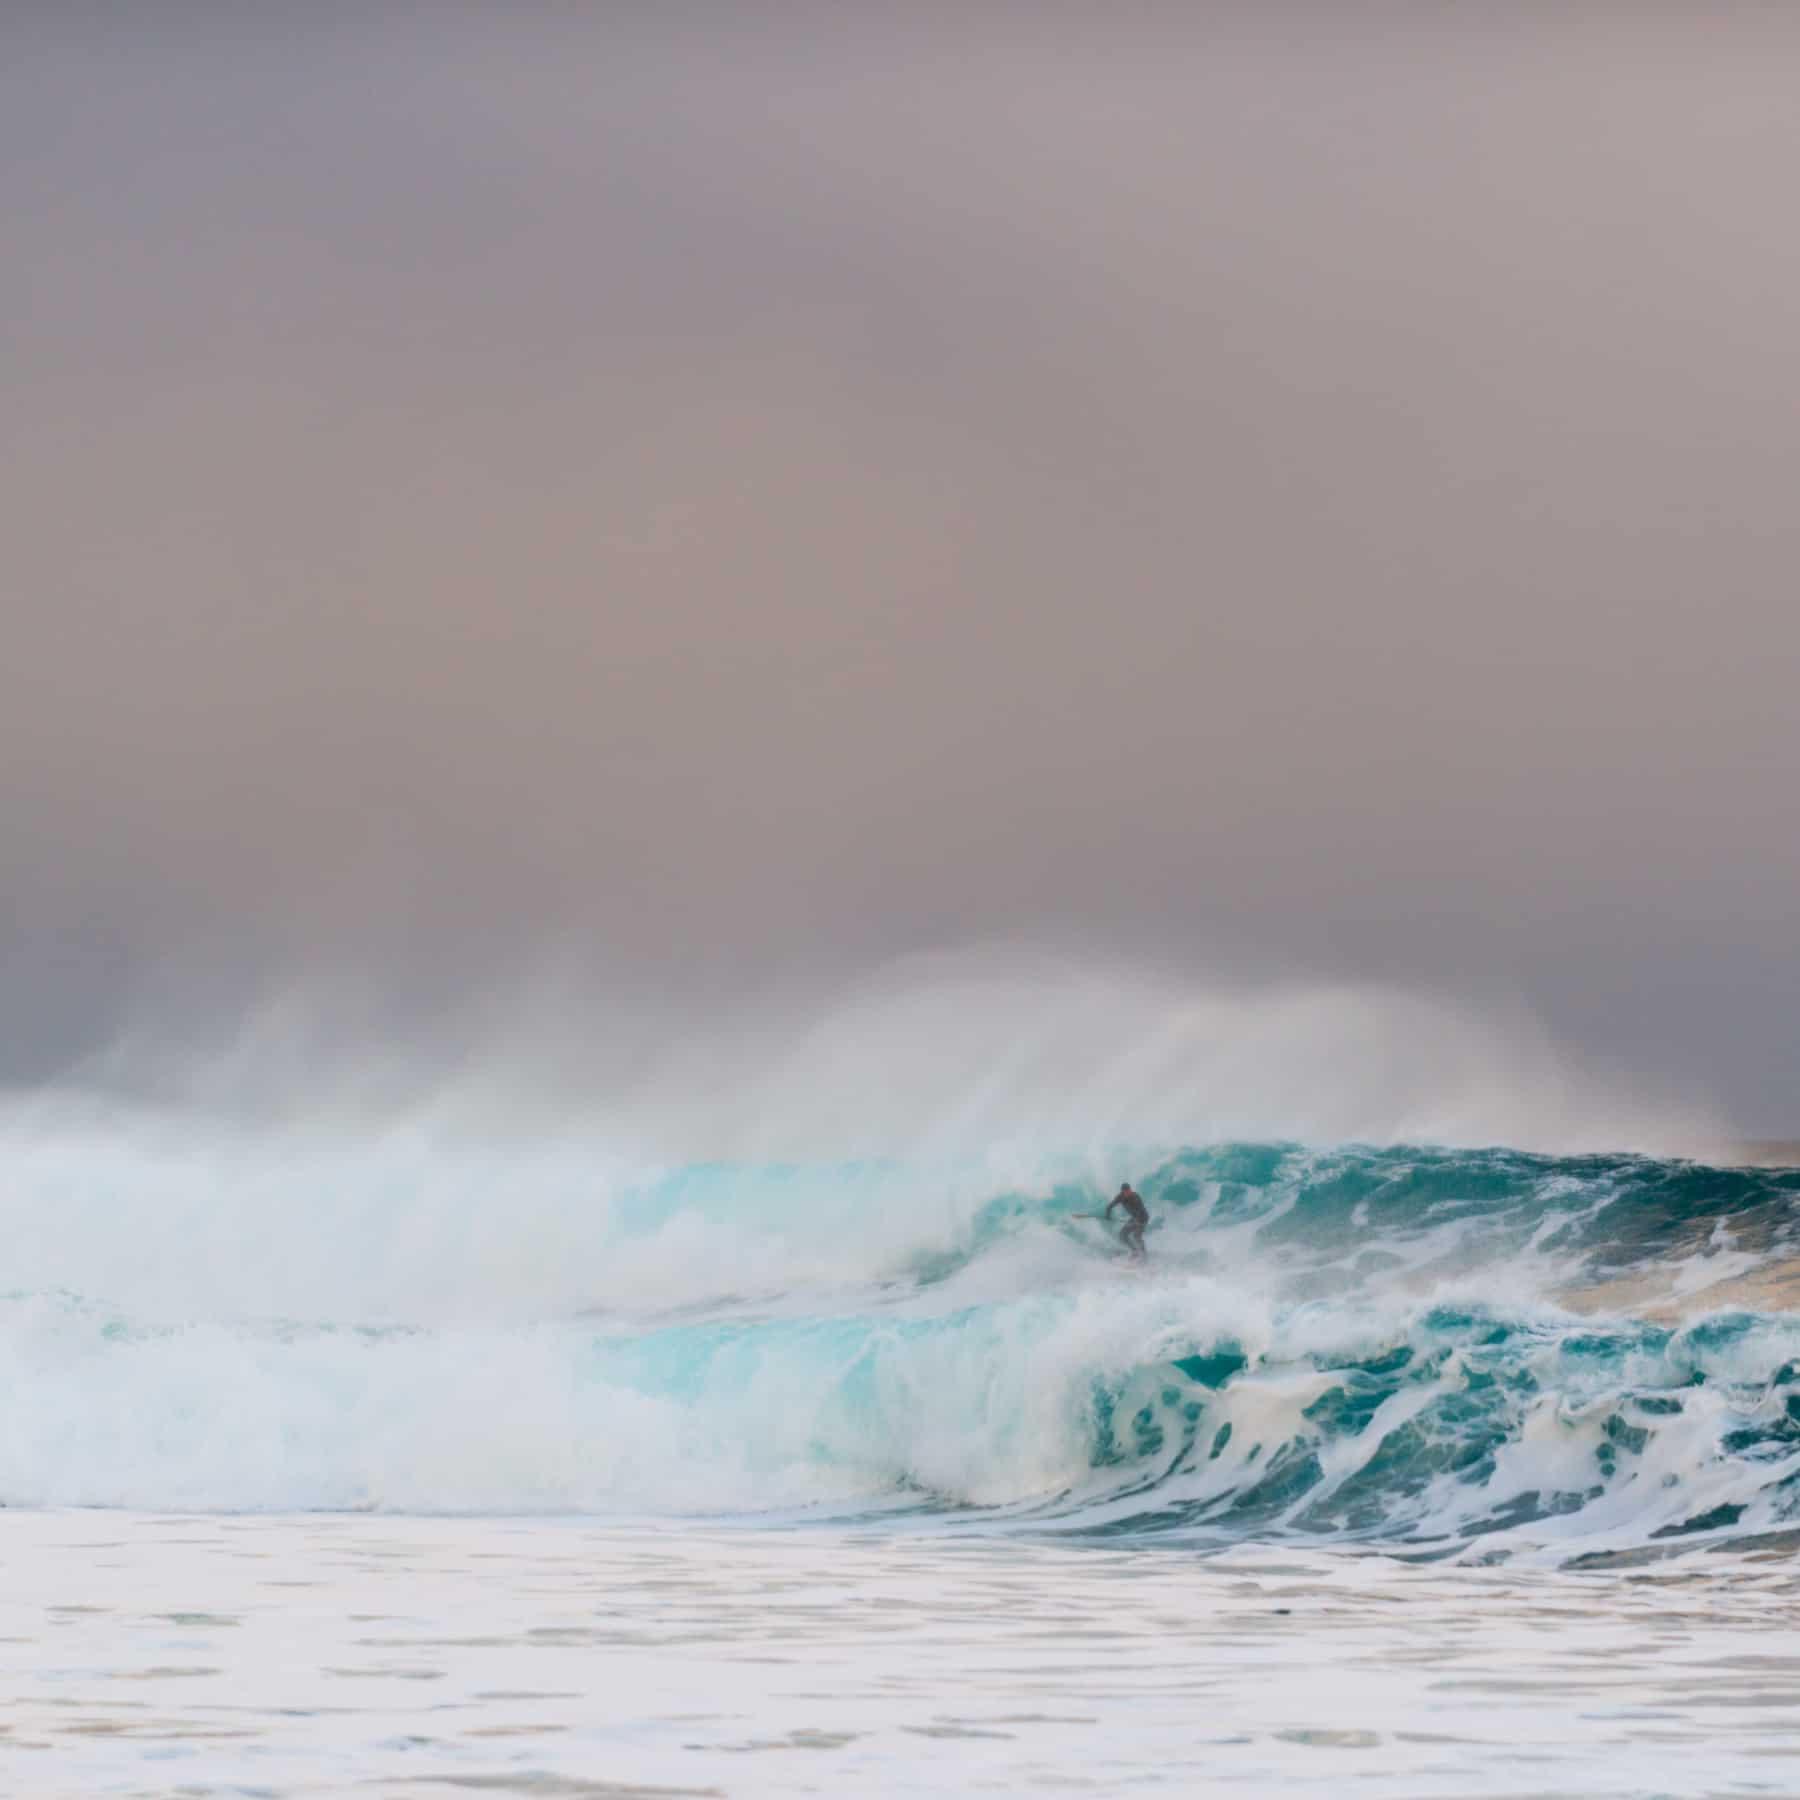 SUP-surfer på en stor bølge.